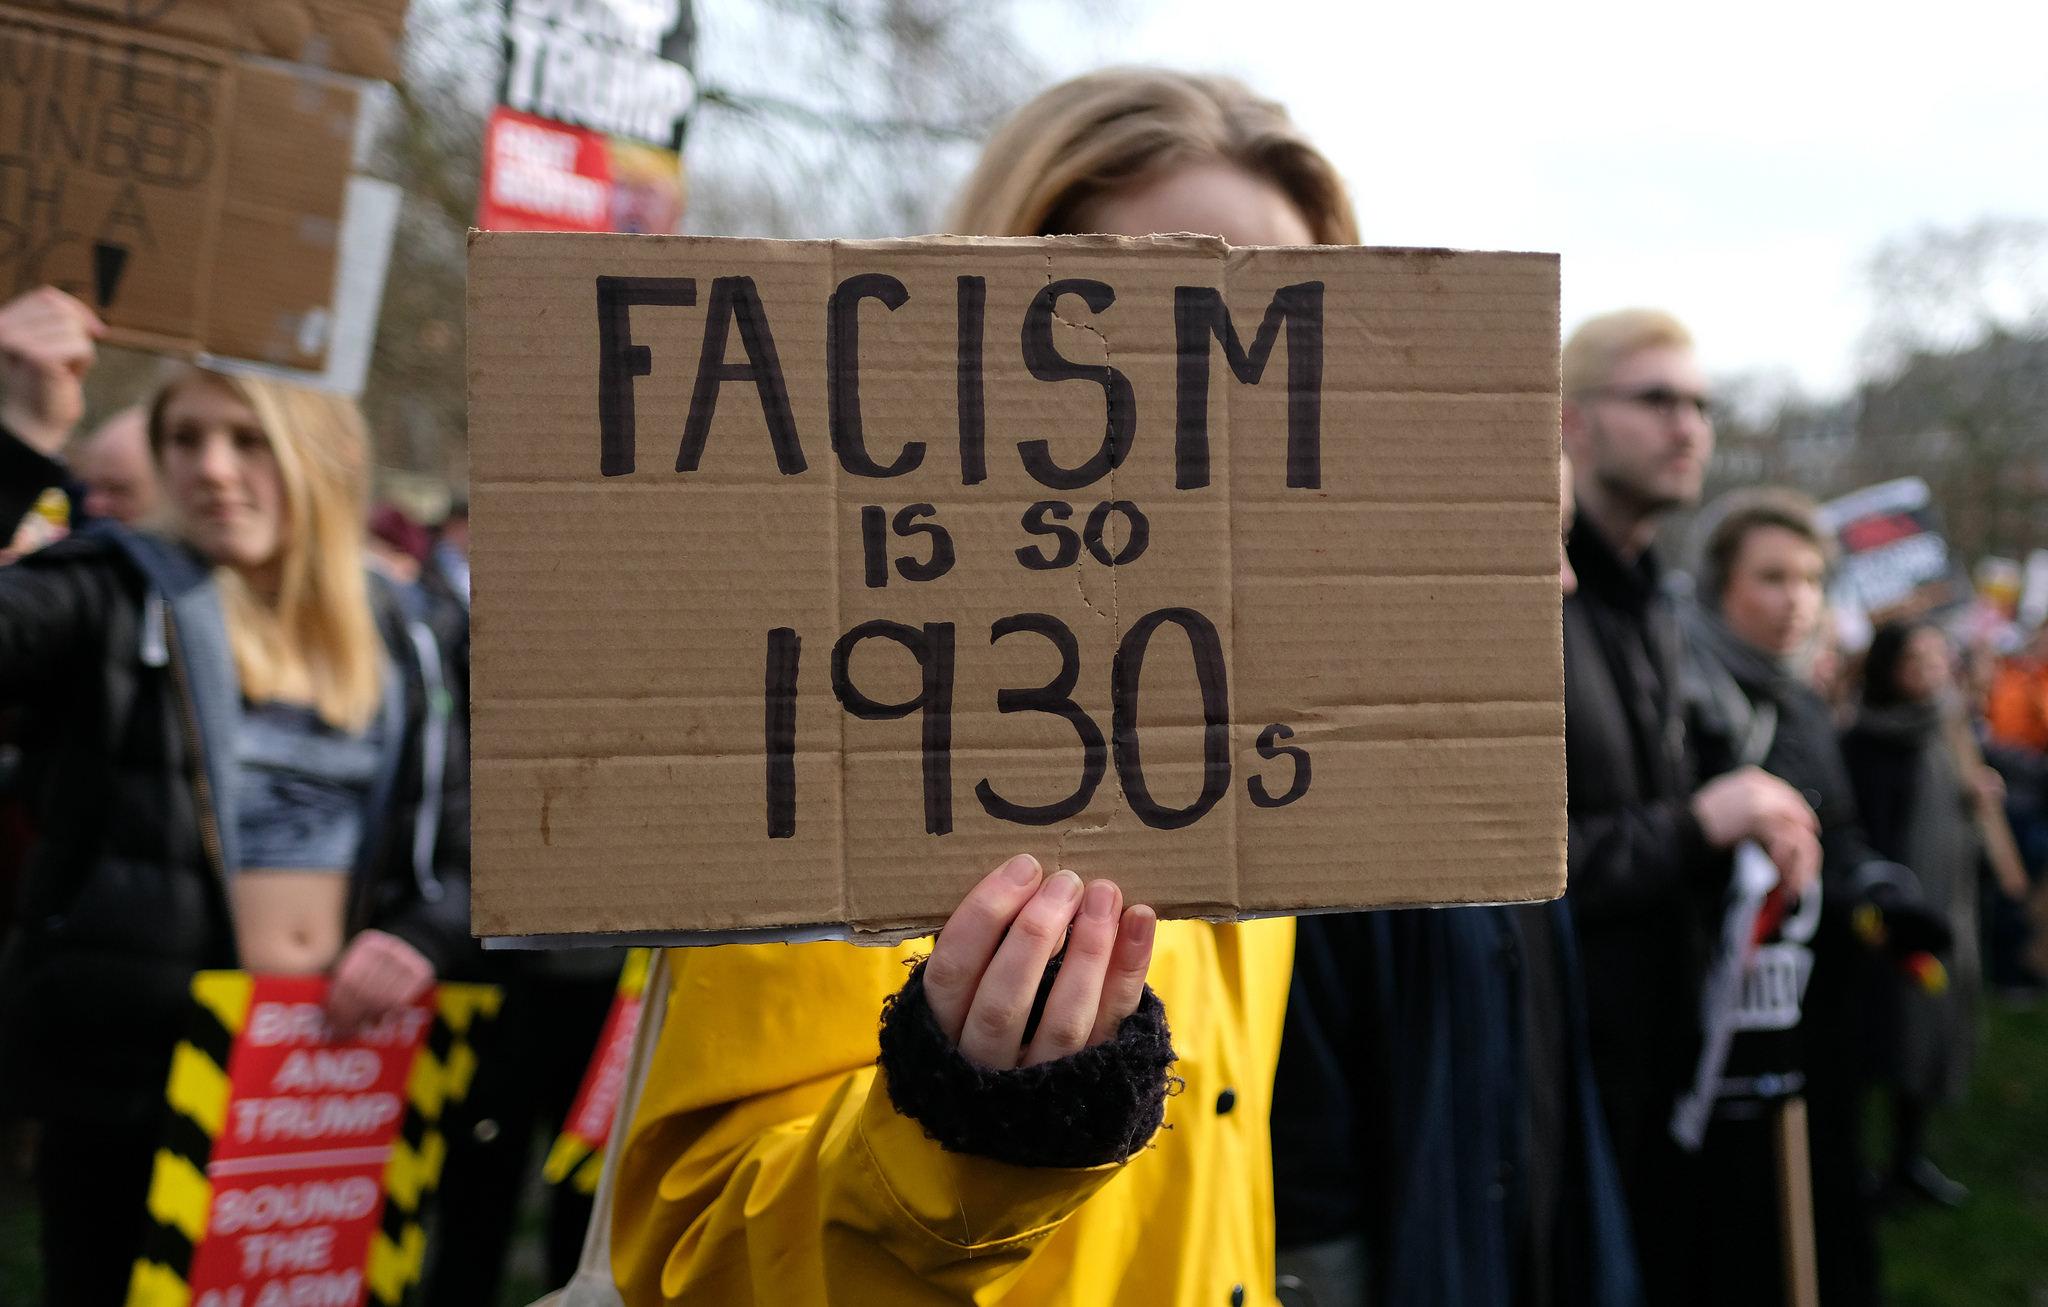 """""""Fascism är så gammaldags"""". Ett budskap som biter, eller?"""